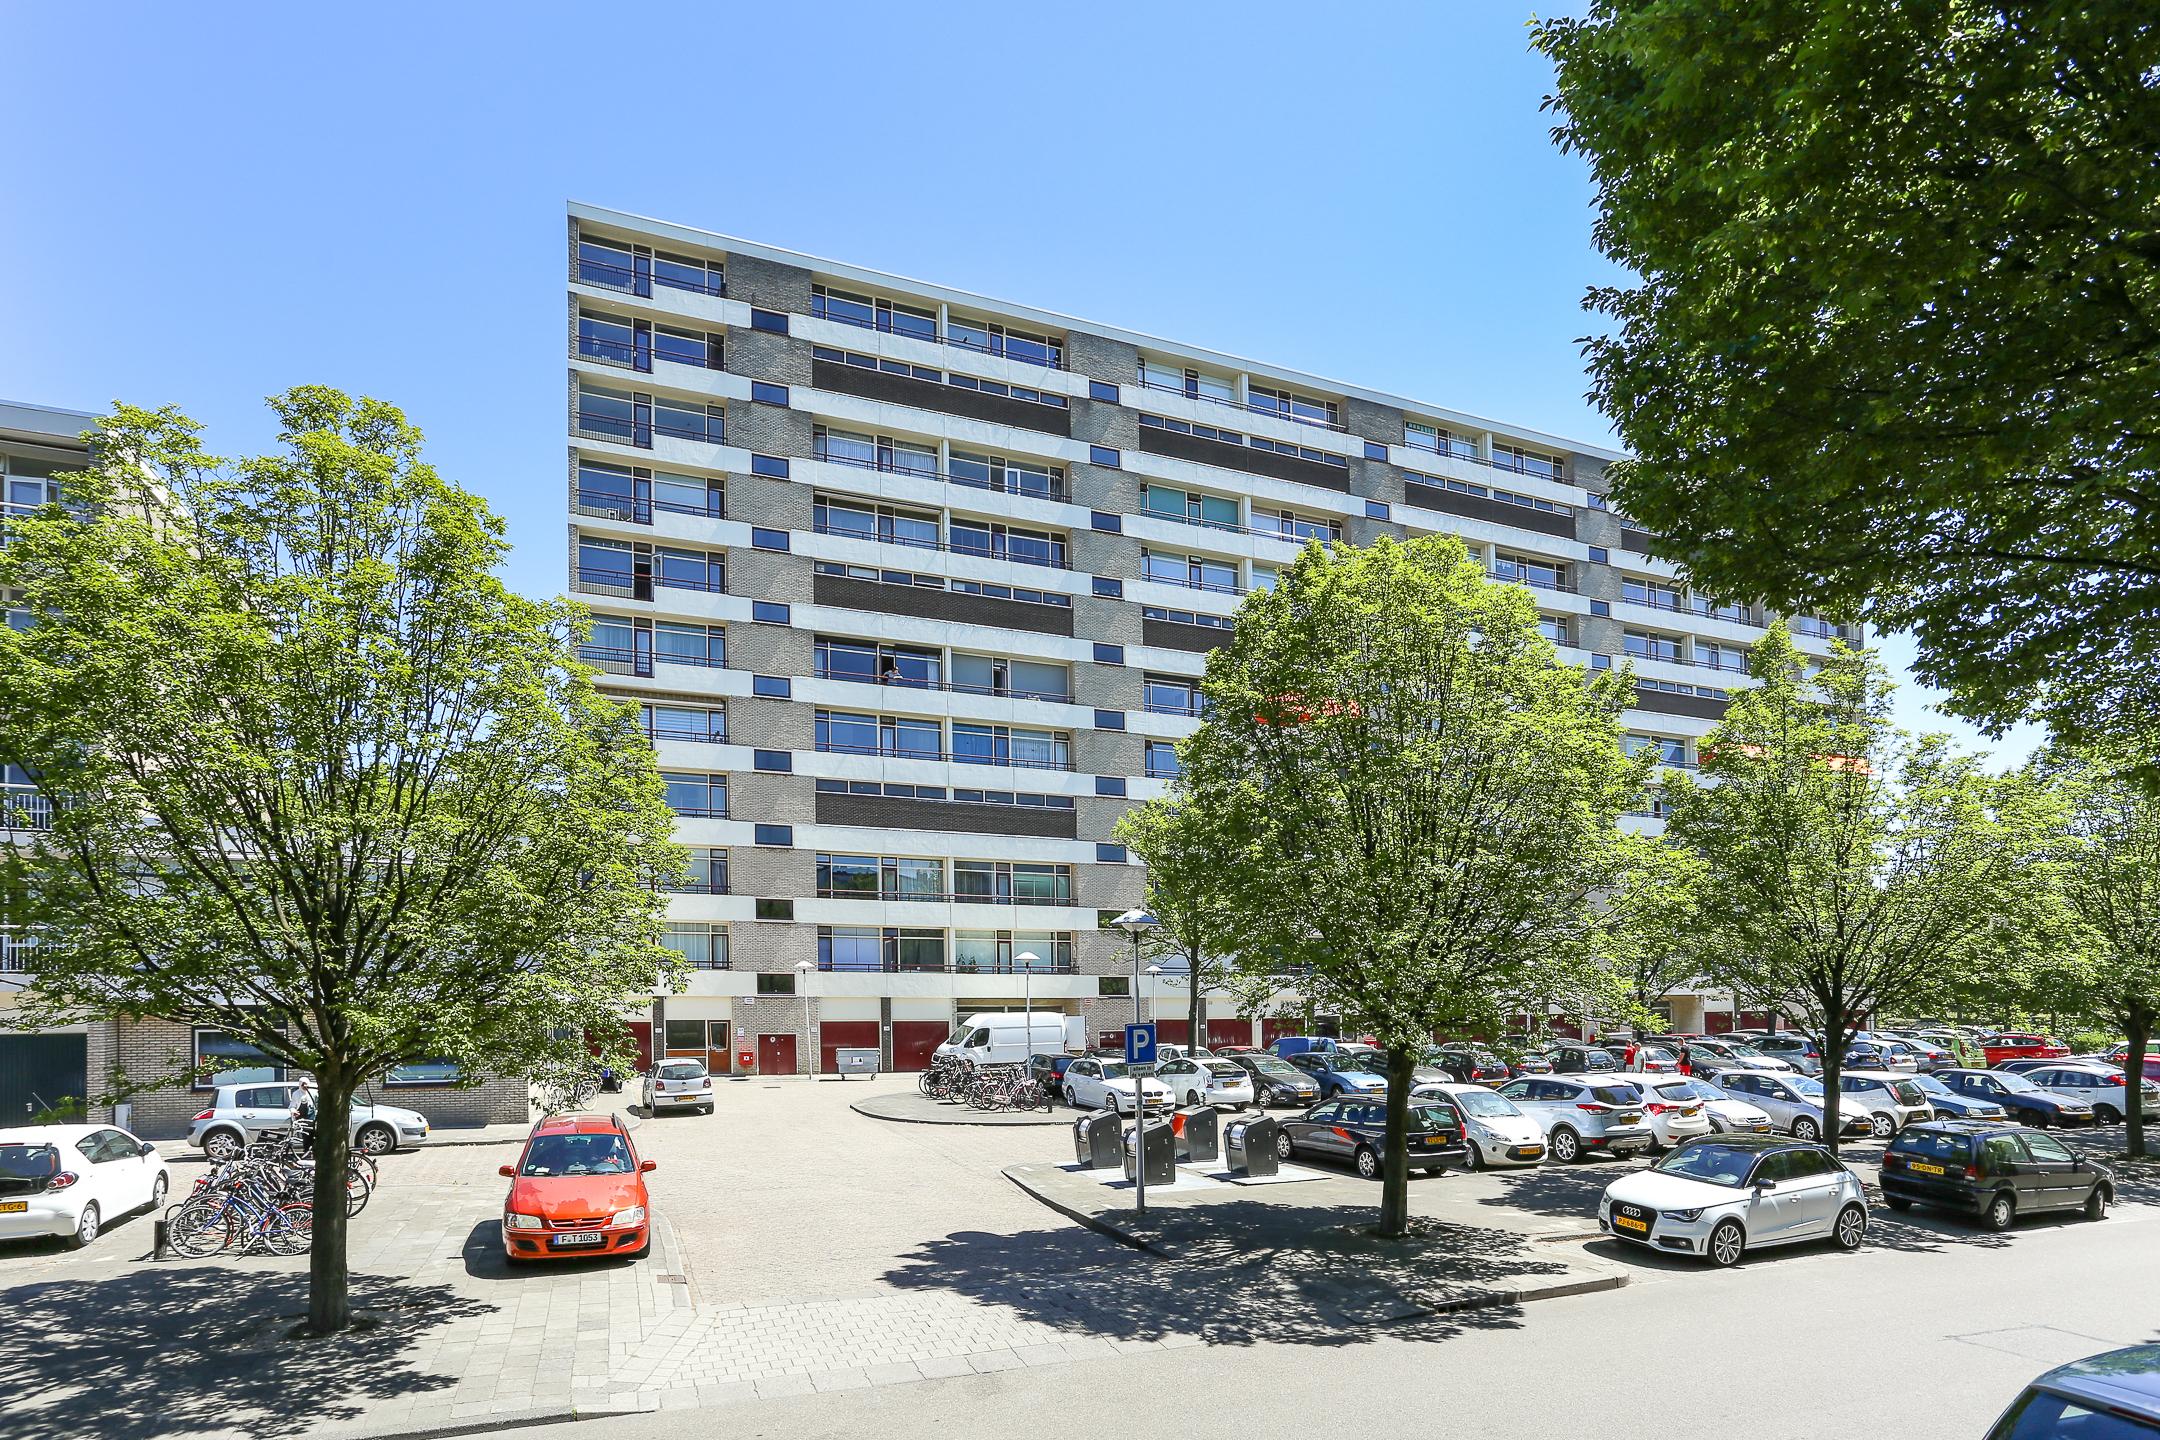 Livingstonelaan 176, 3526 HS Utrecht